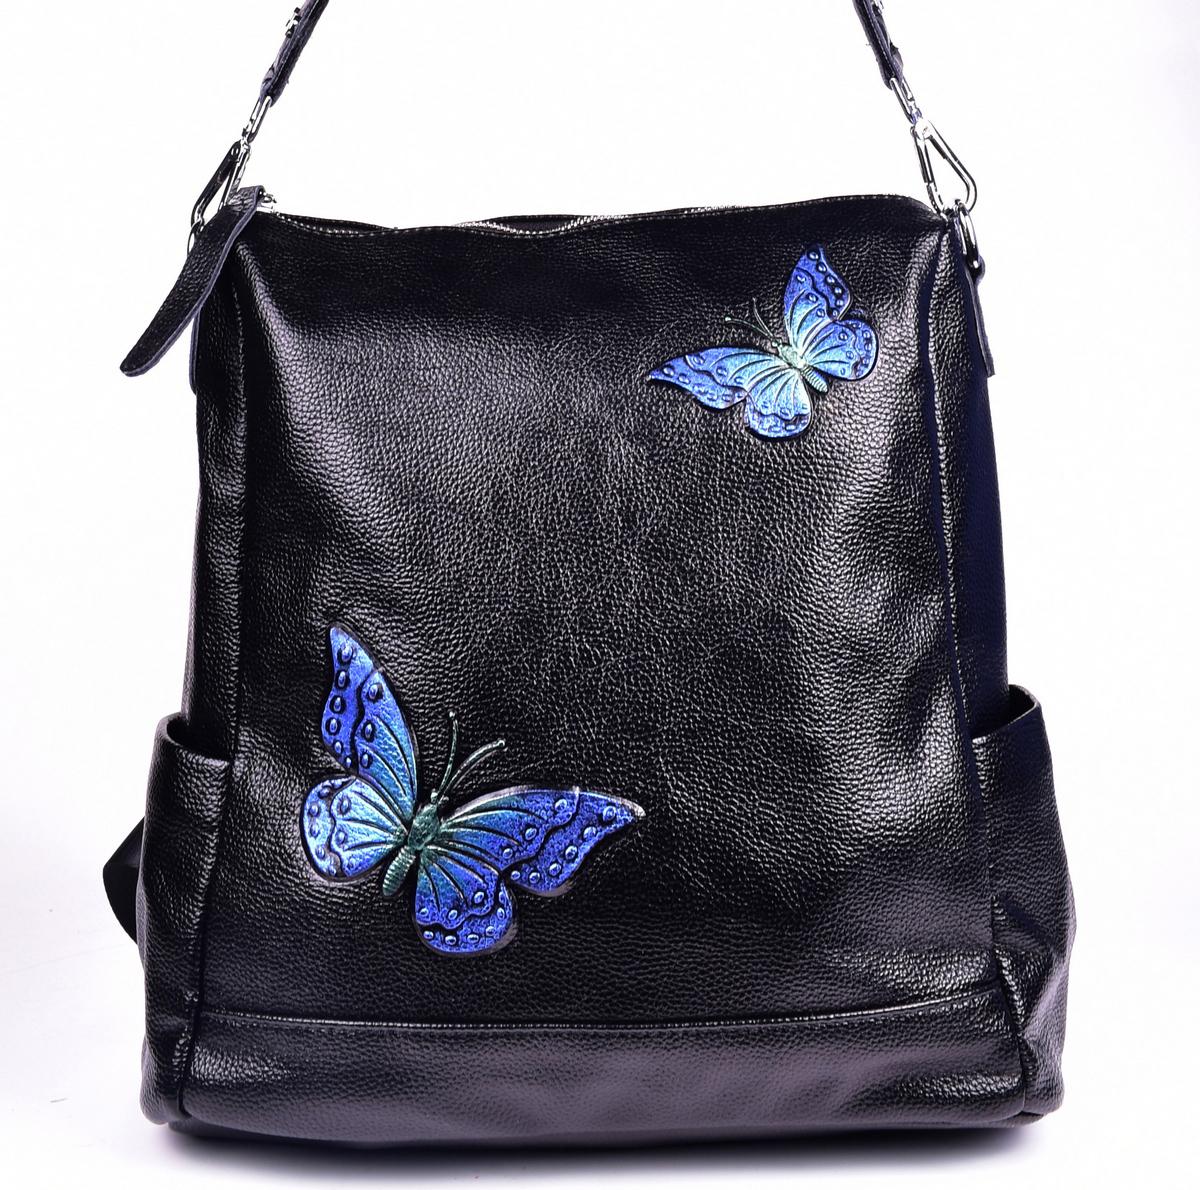 Сумка-рюкзак женская Baggini, цвет: черный. 28183/10